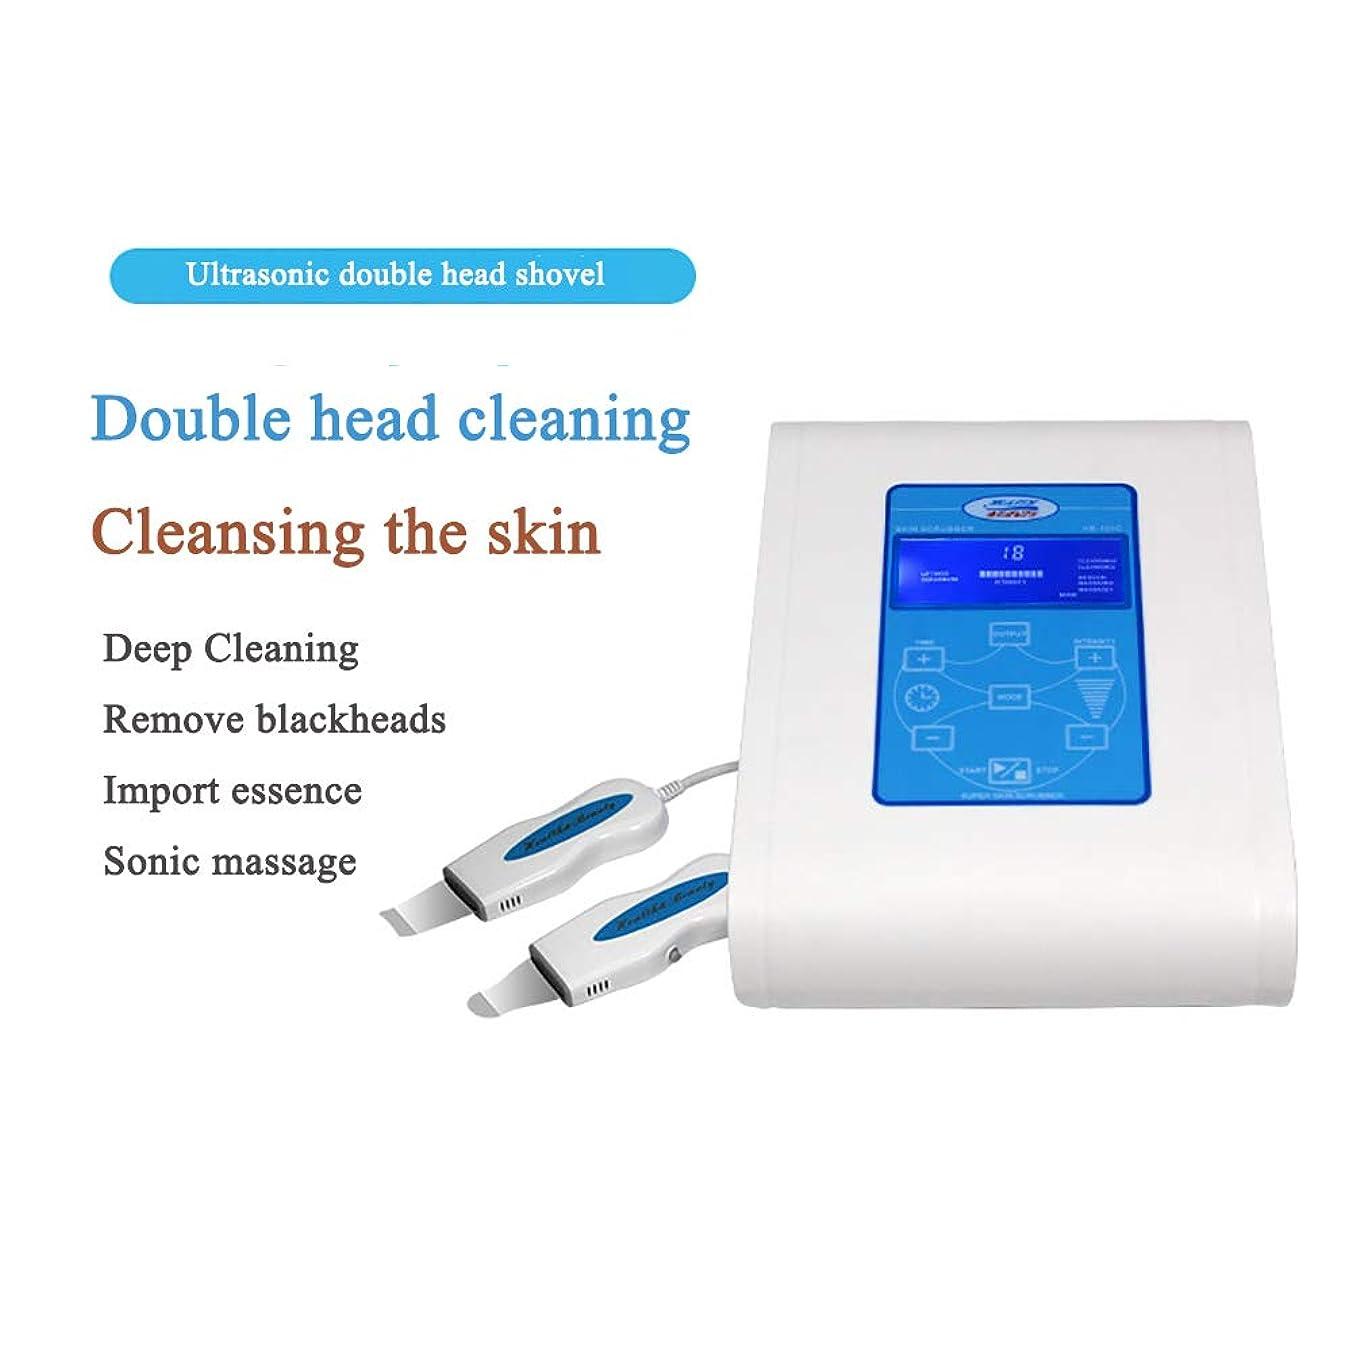 超音波美容機器、皮膚美容機にきびにきびシャベル楽器電子美容機器ダブルヘッドショベルに剥離